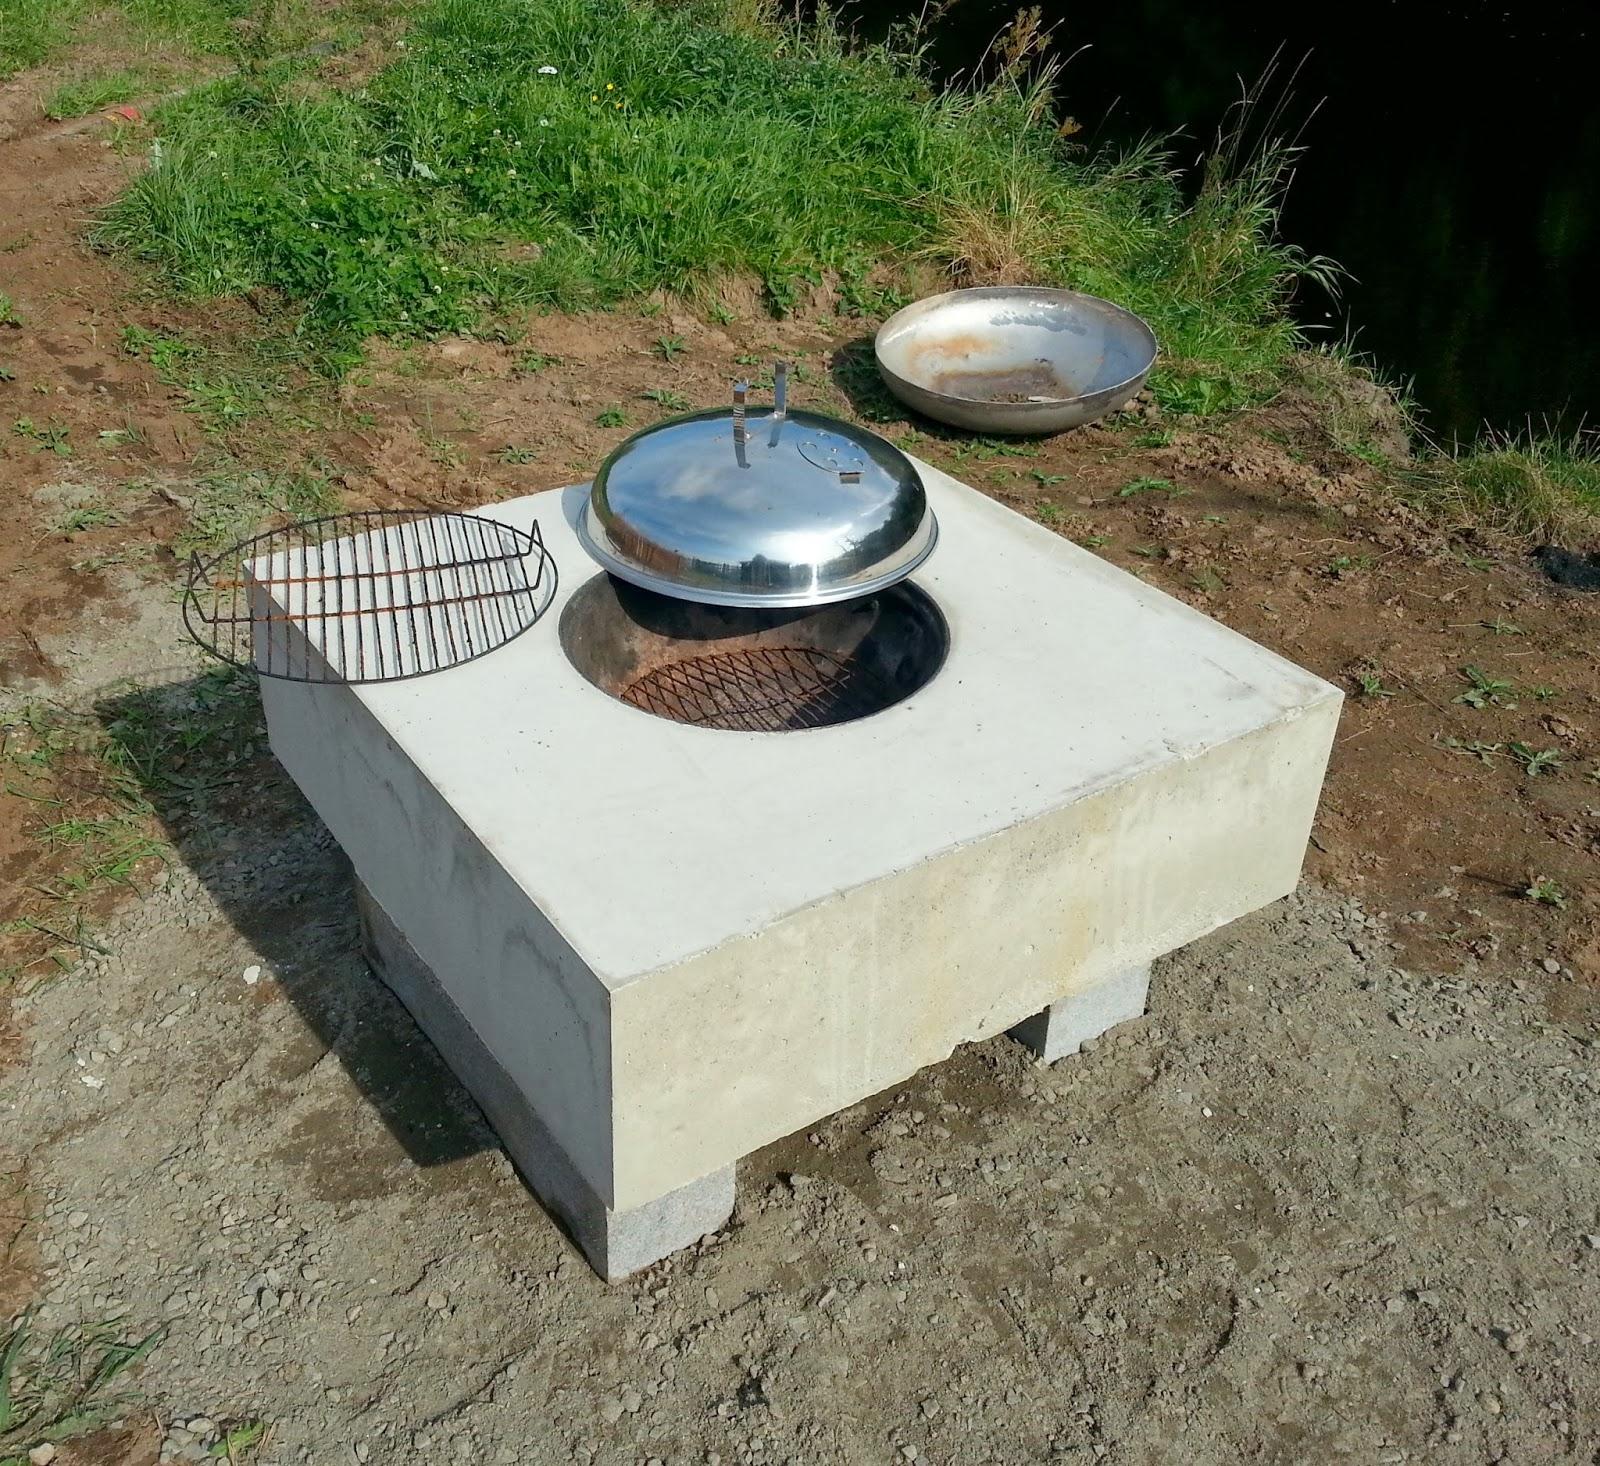 gjuta grill i betong